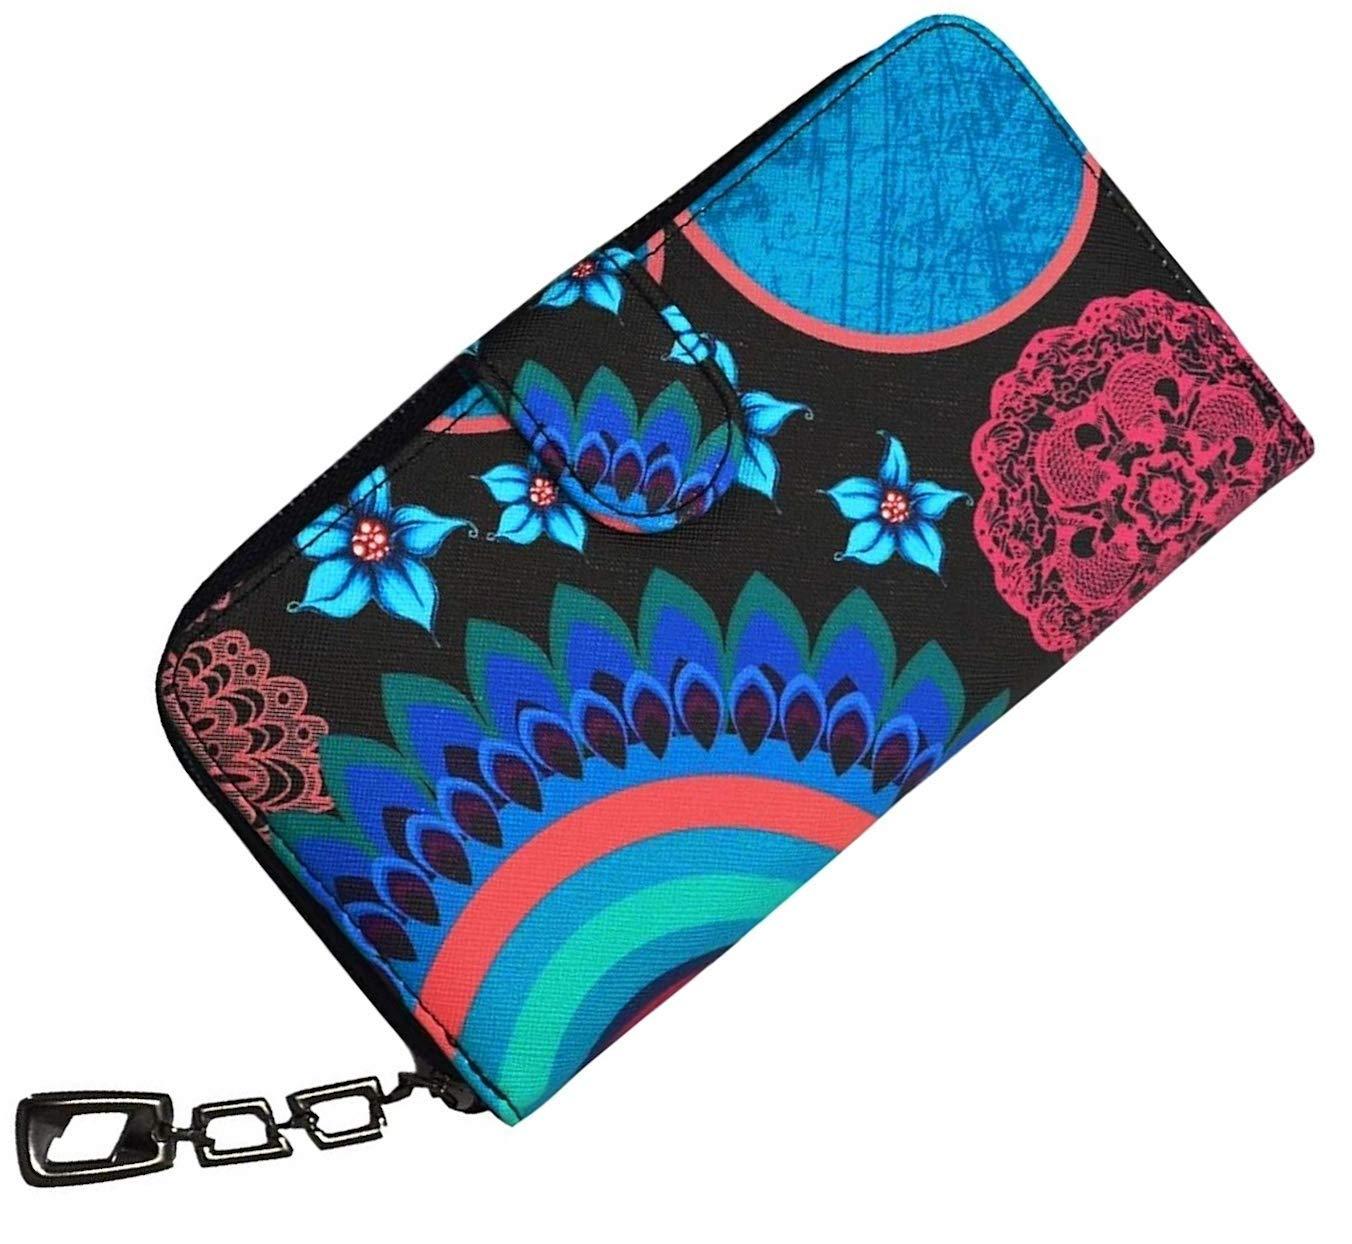 Cartera de Mujer Grande Cartera Bolso de Mano de Piel Sintética Monedero Elegante Estampado Floral Retro Regalo para Mujer Cartera de Viaje Práctico con Compartimentos para Tarjetas Estuche para Móvil